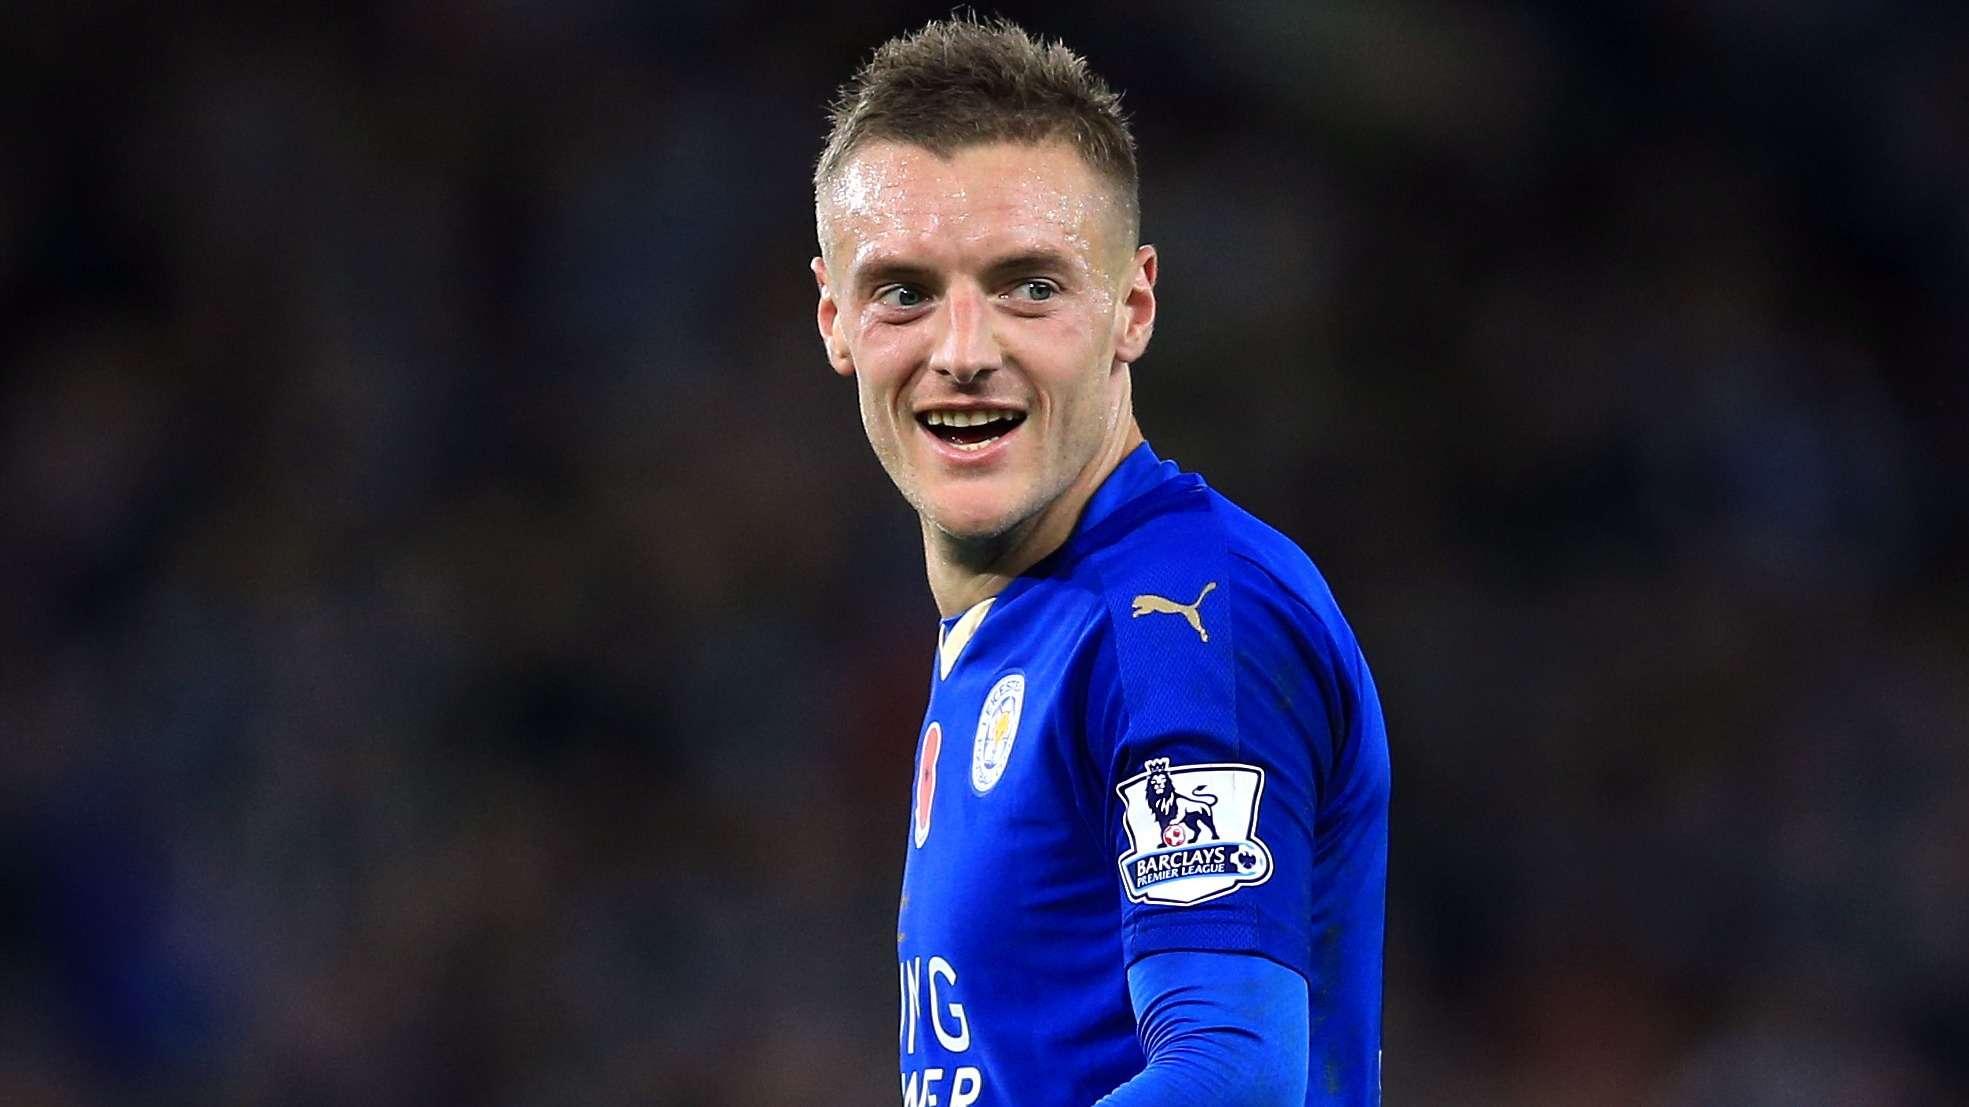 Chelsea muốn có Vardy trong đội hình